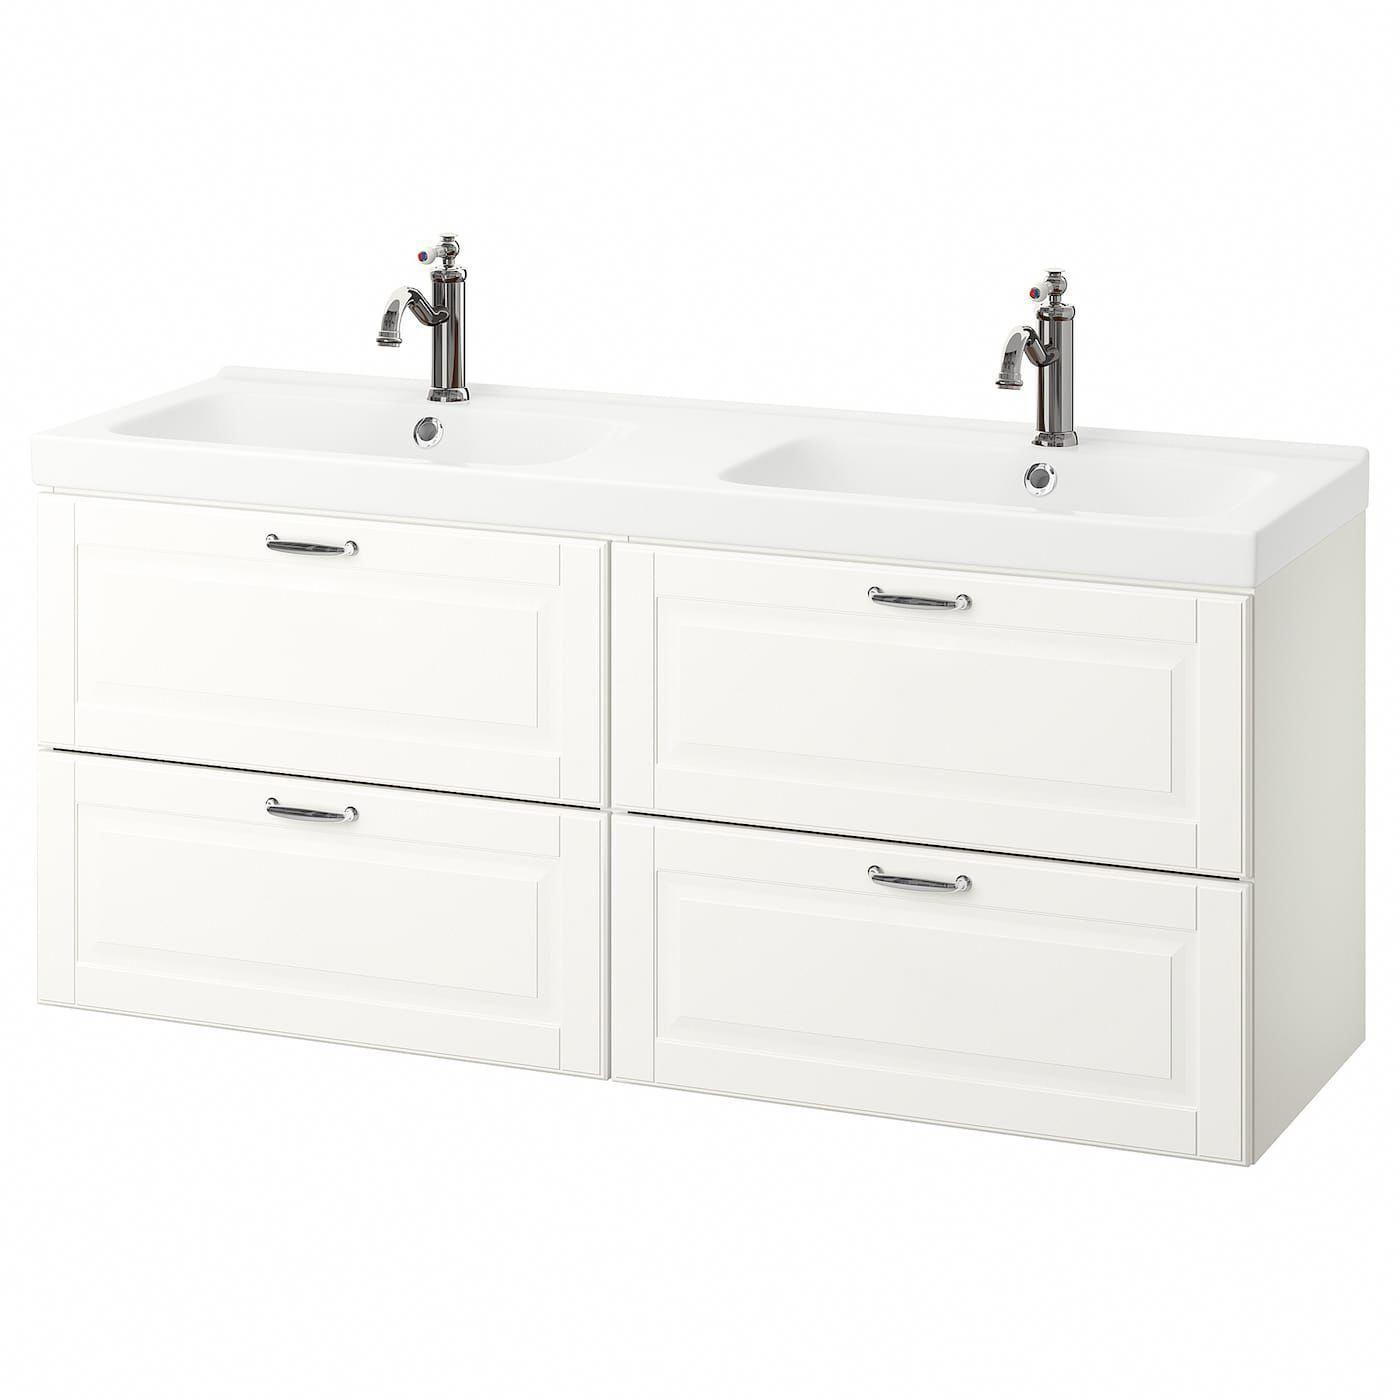 Ikea Godmorgon Odensvik Bathroom Vanity Kasjon White Hamnskar Bathroomcabinets Sink Cabinet Ikea Godmorgon Discount Bathroom Vanities